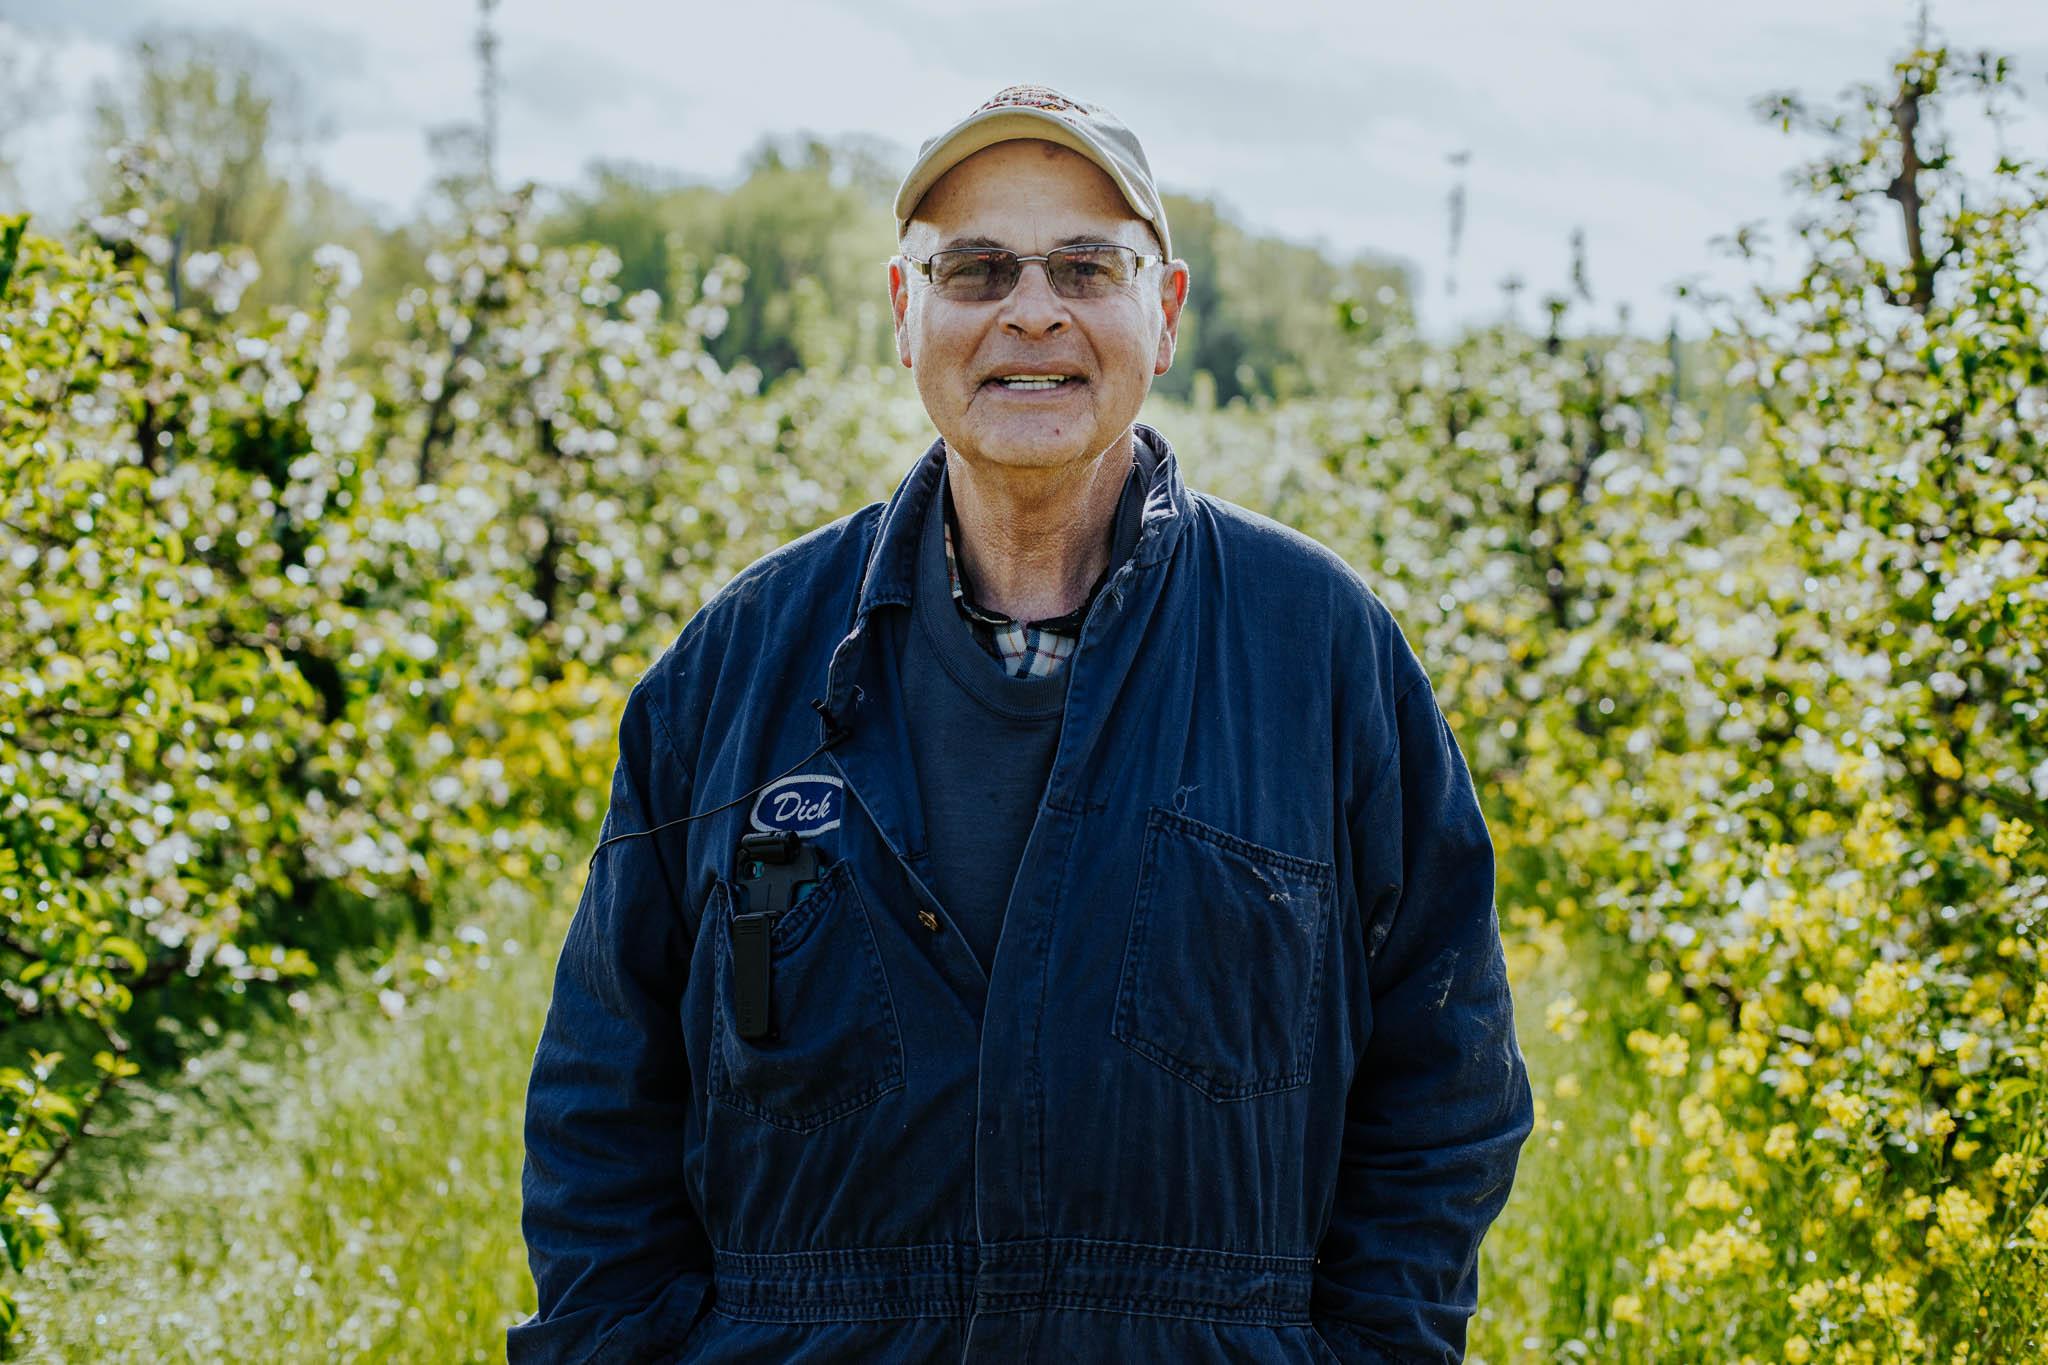 Ed Baushke, Heritage Orchards